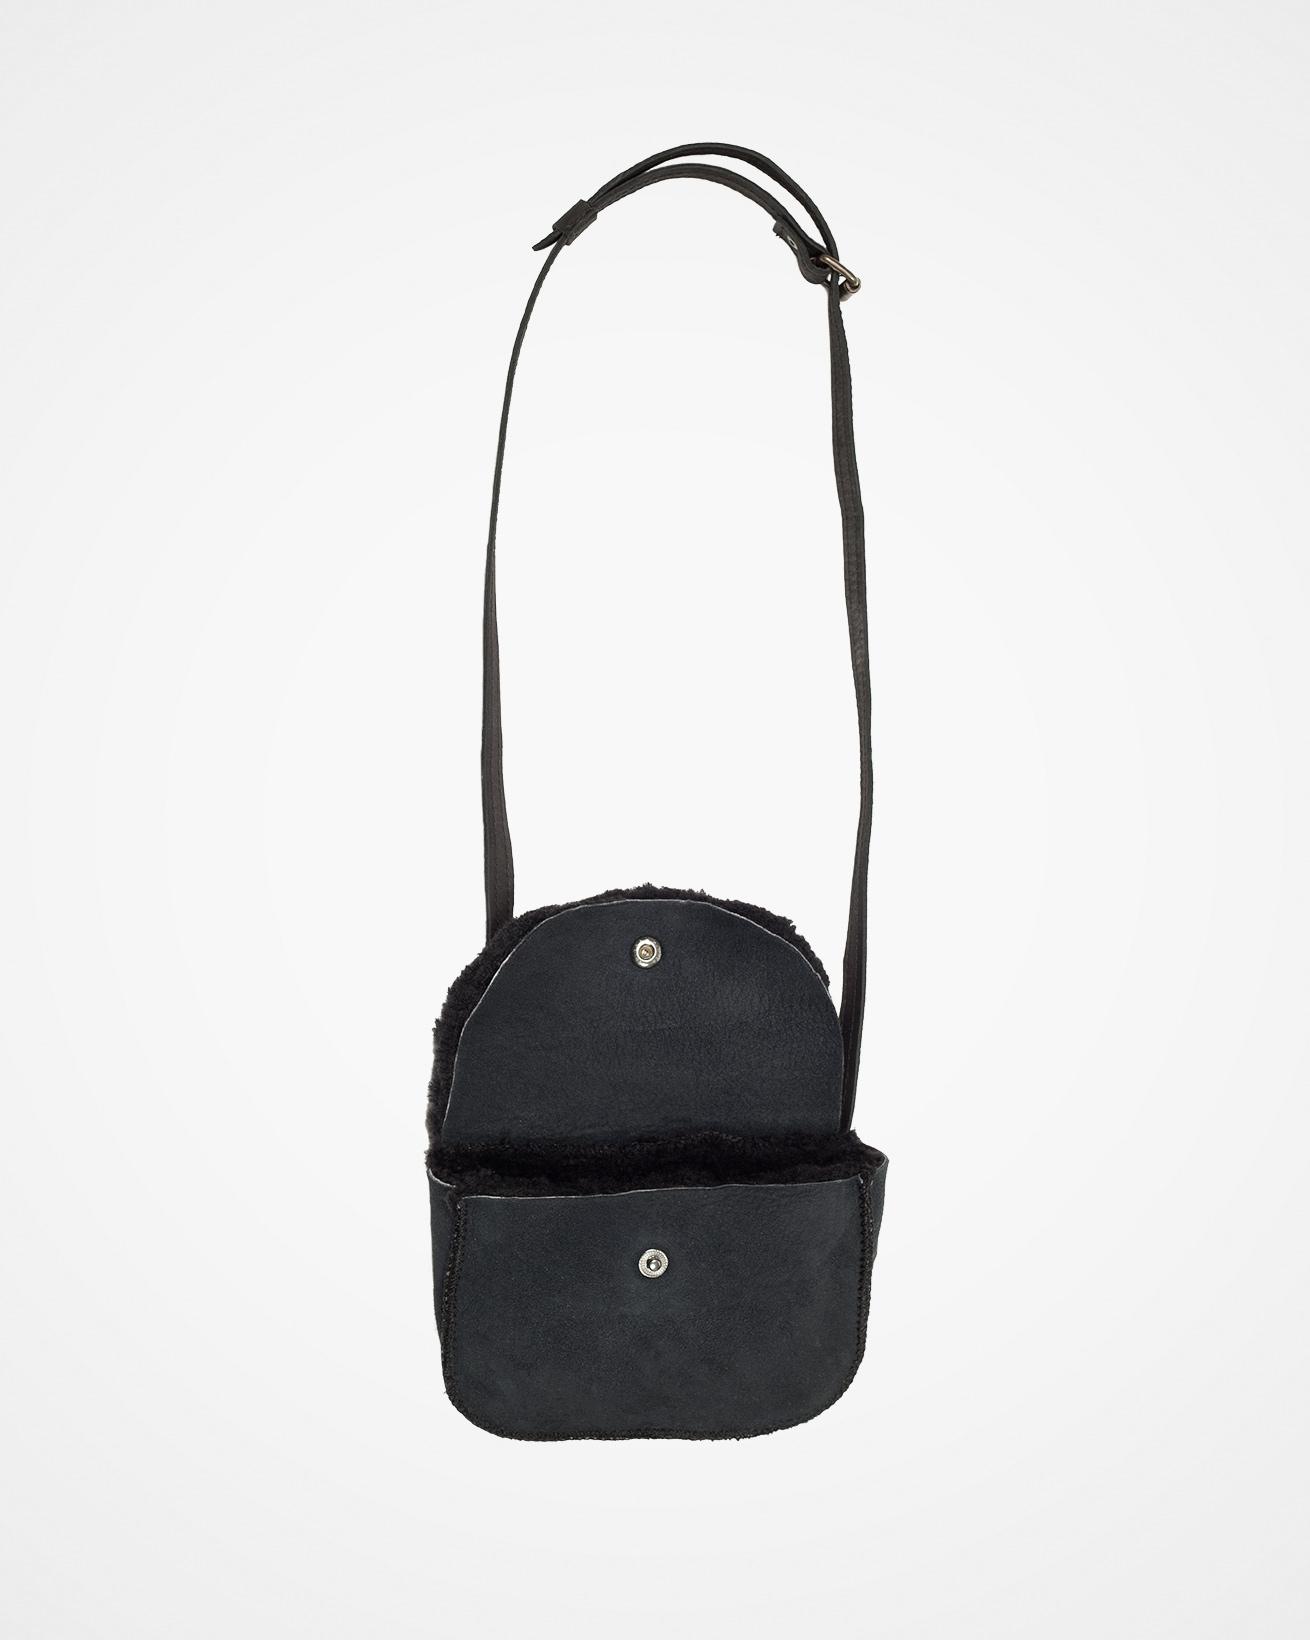 7702_sheepskin-belt-bag_ink_open.jpg